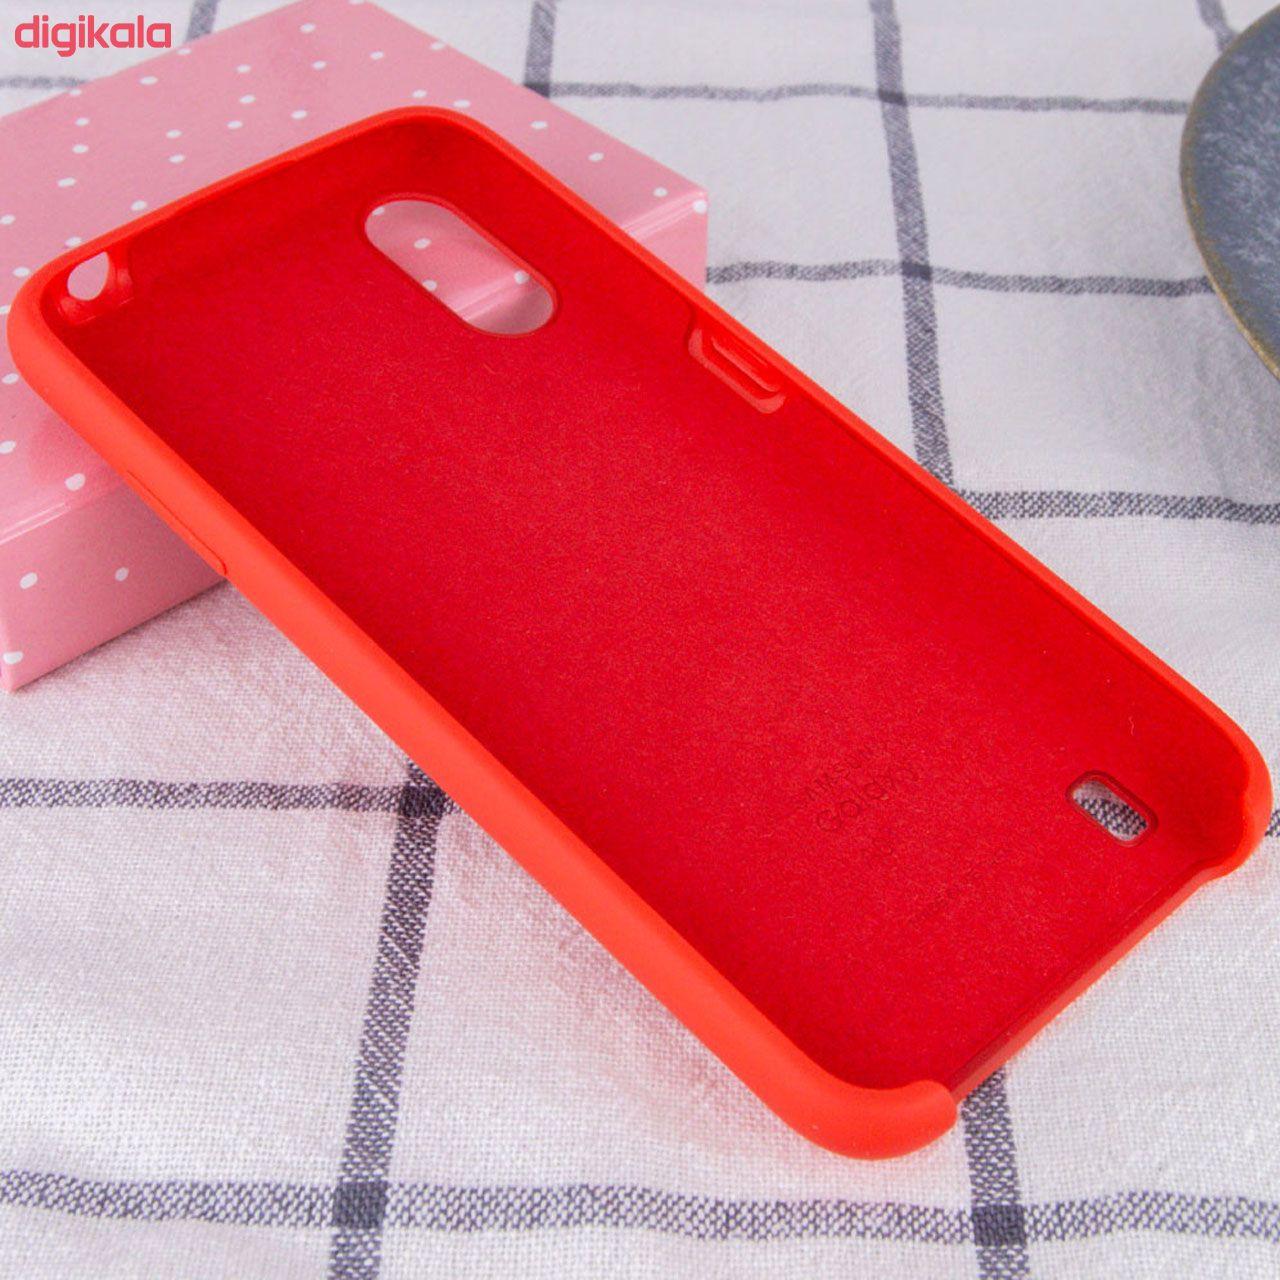 کاور مدل SLCN مناسب برای گوشی موبایل سامسونگ Galaxy A01 main 1 23